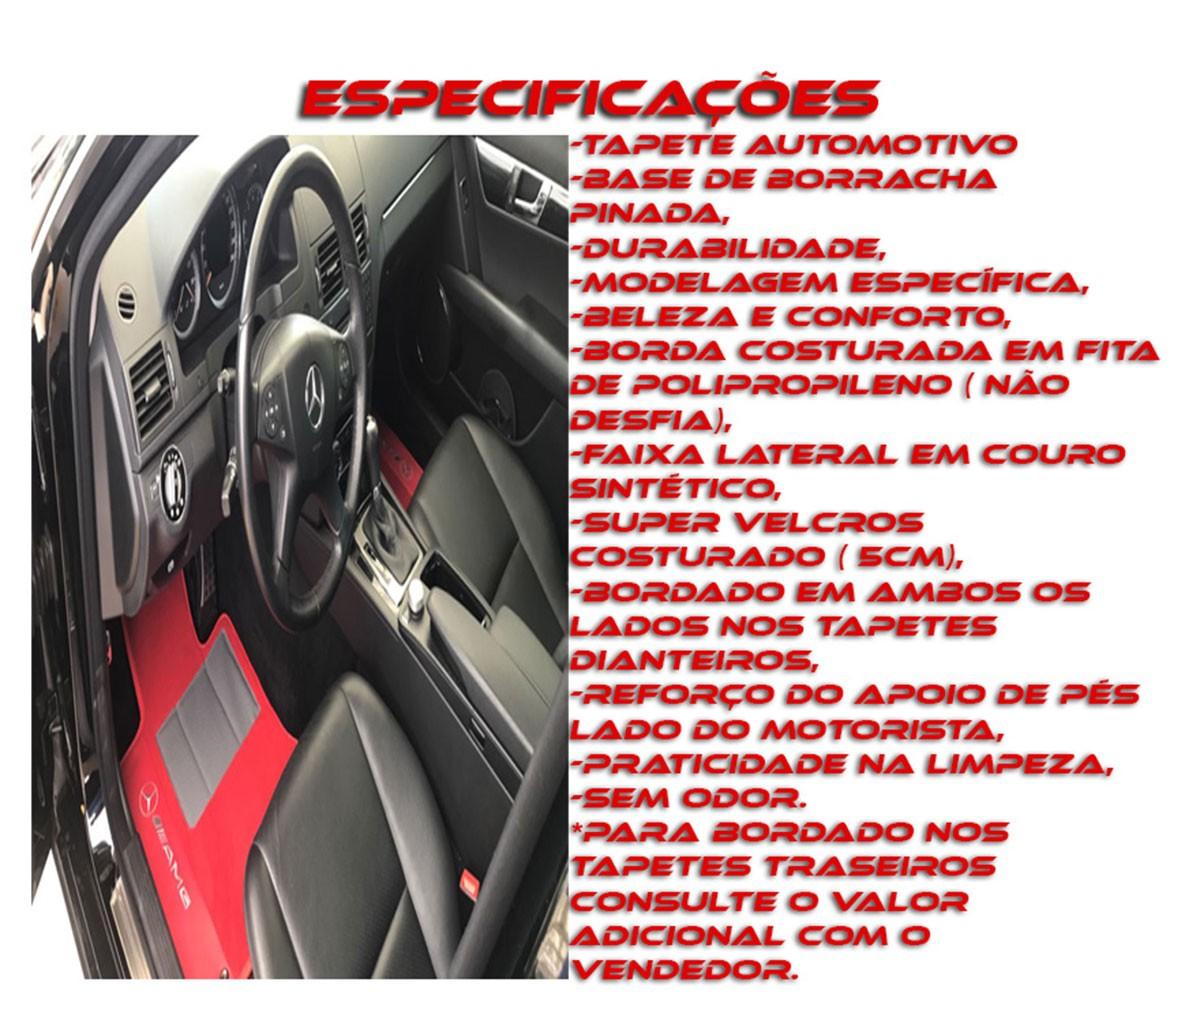 Tapete Jac J6 Borracha Pvc Com Base Pinada